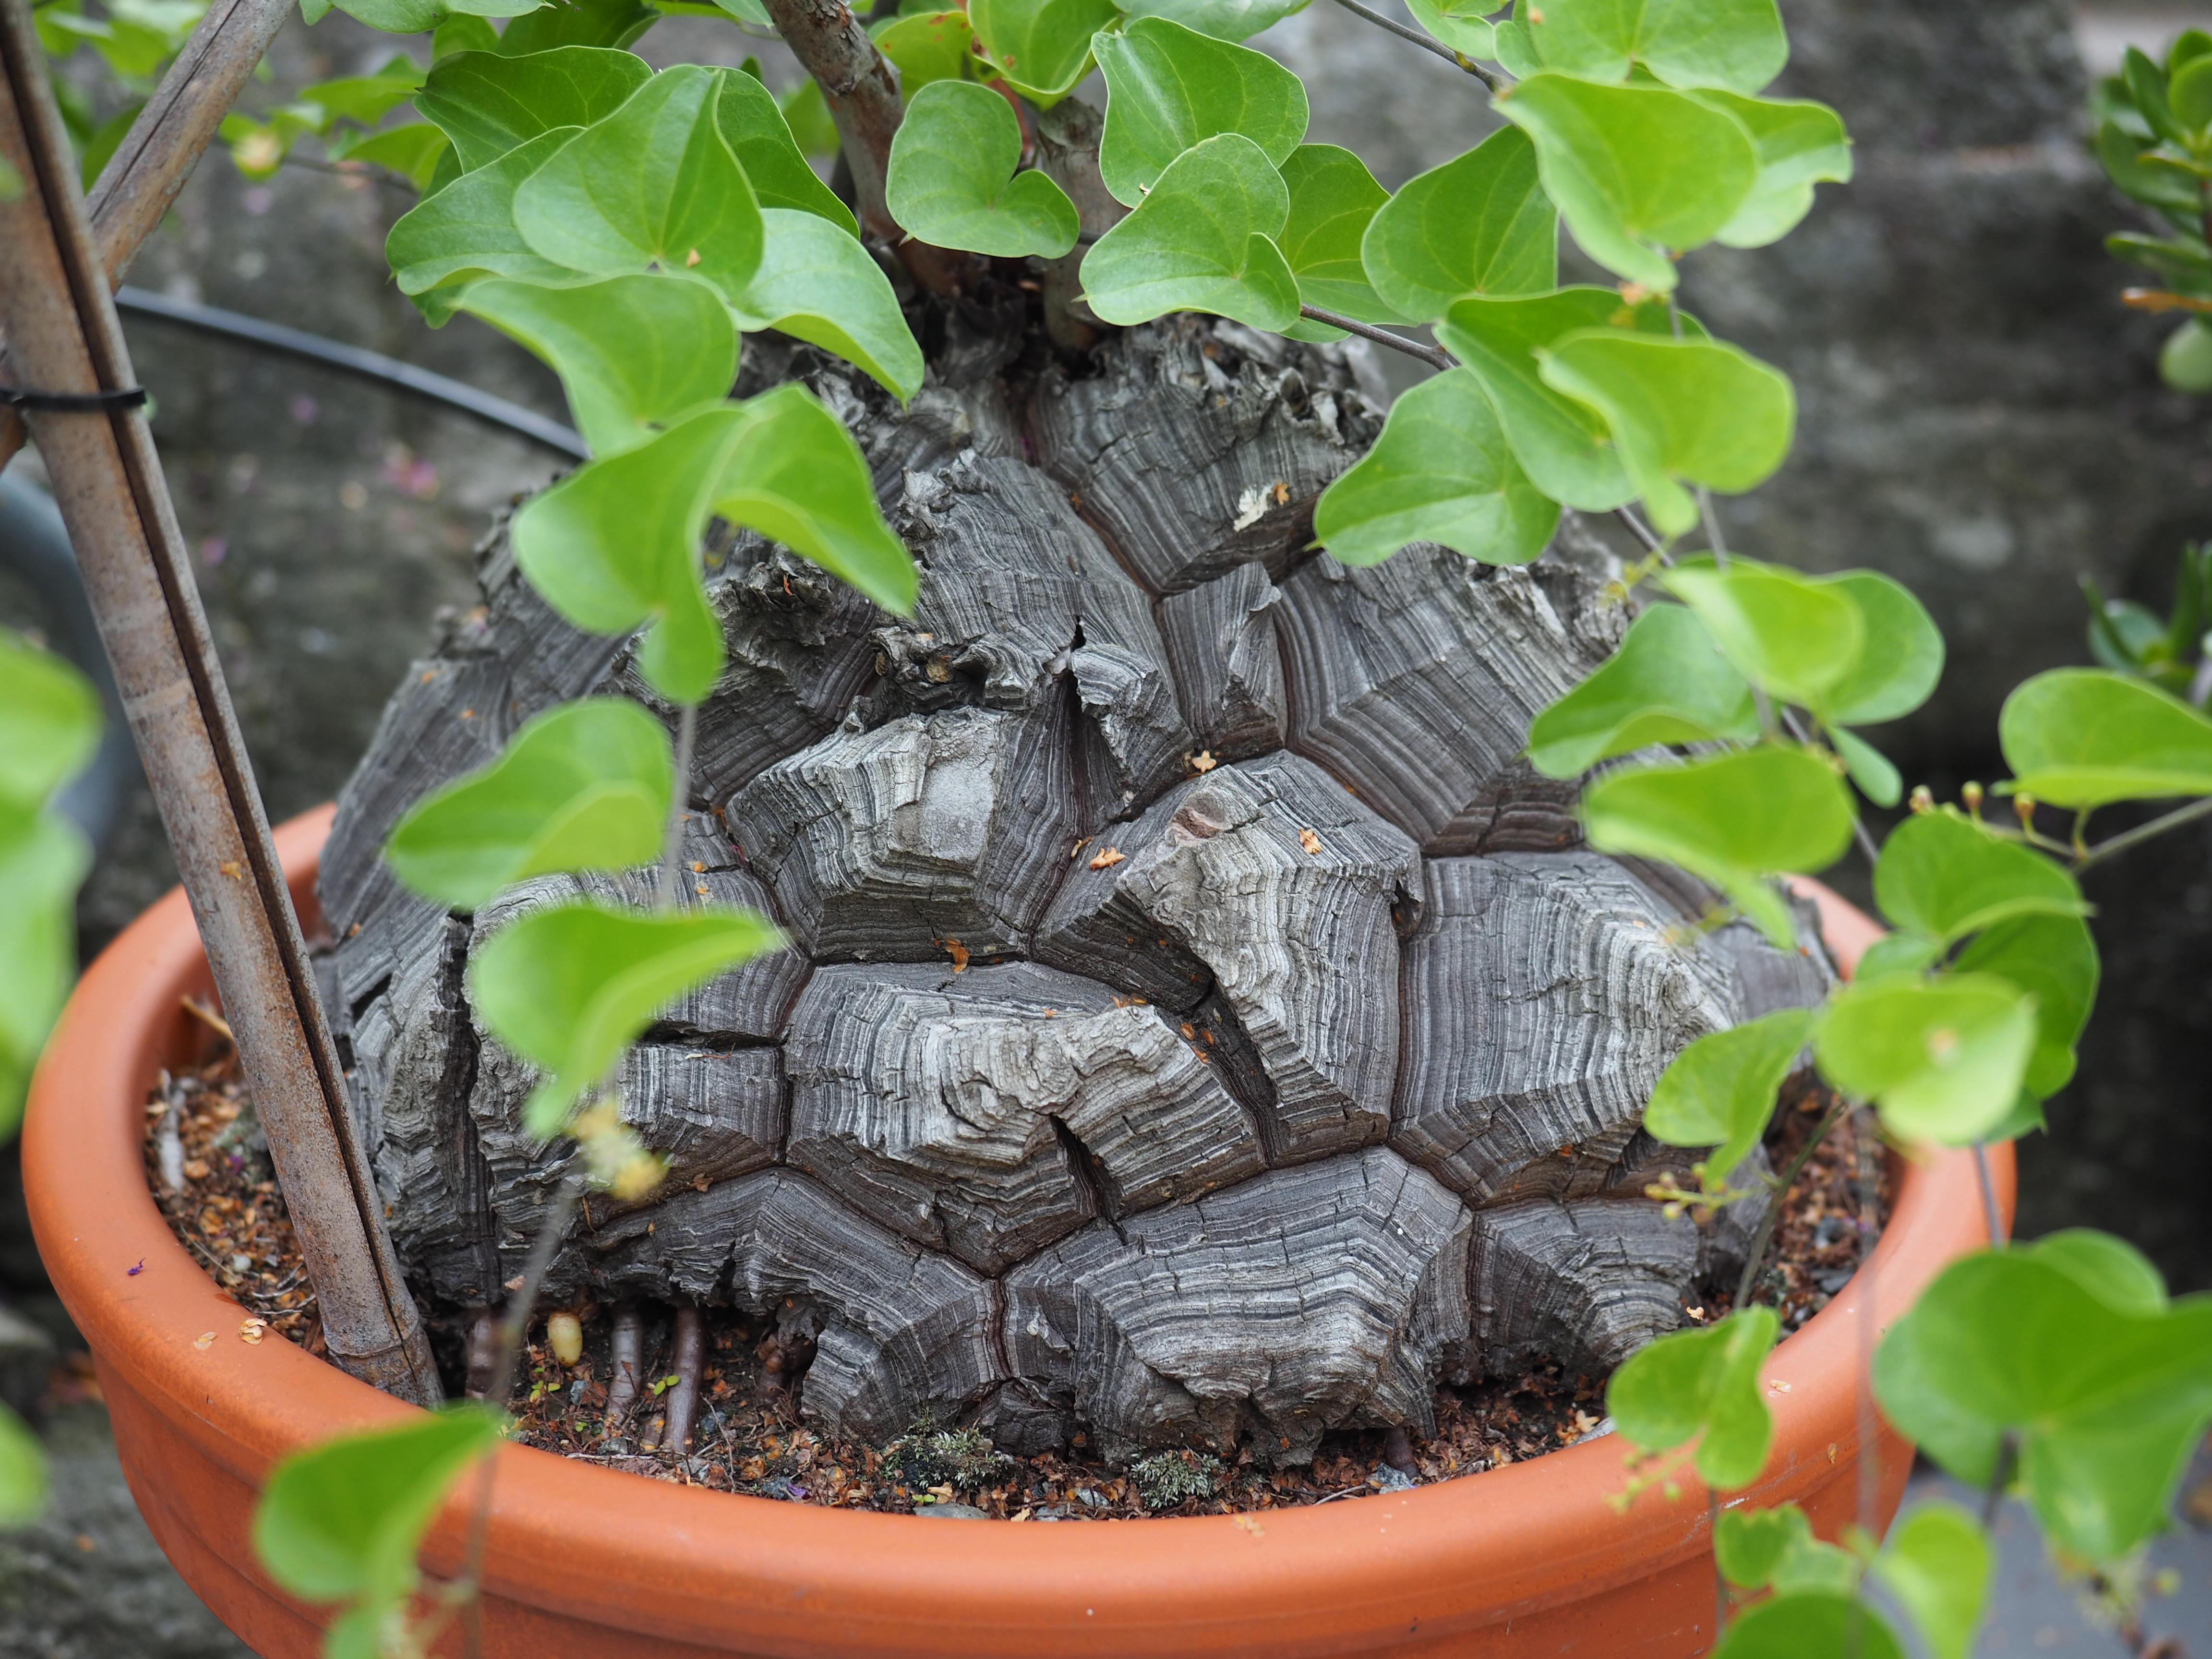 Dioscorea elephantipes er kanskje den råeste av mine potteplanter